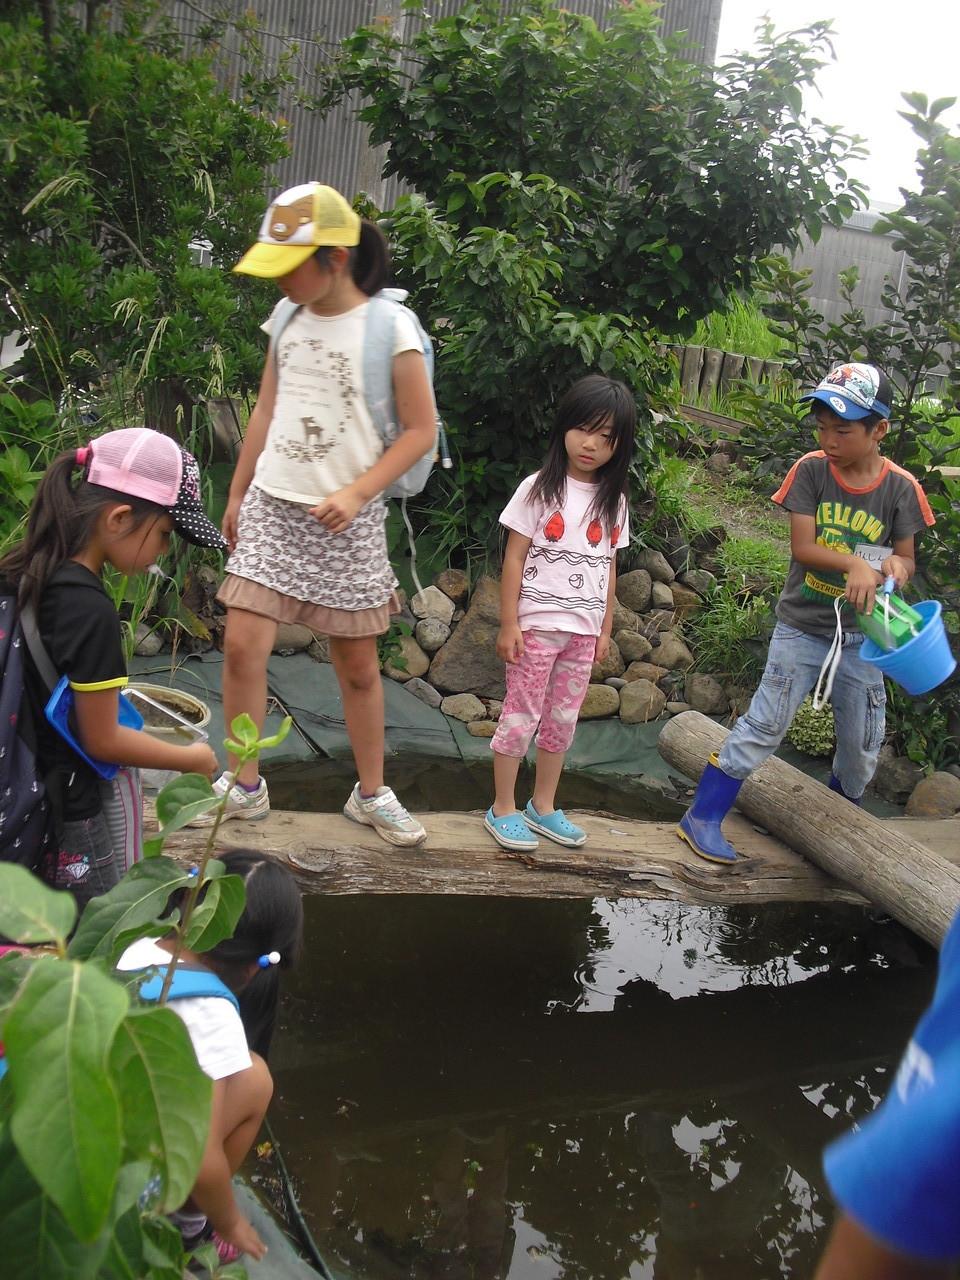 ふじっころ村に帰って持ち帰らない生き物達を池に放しました。